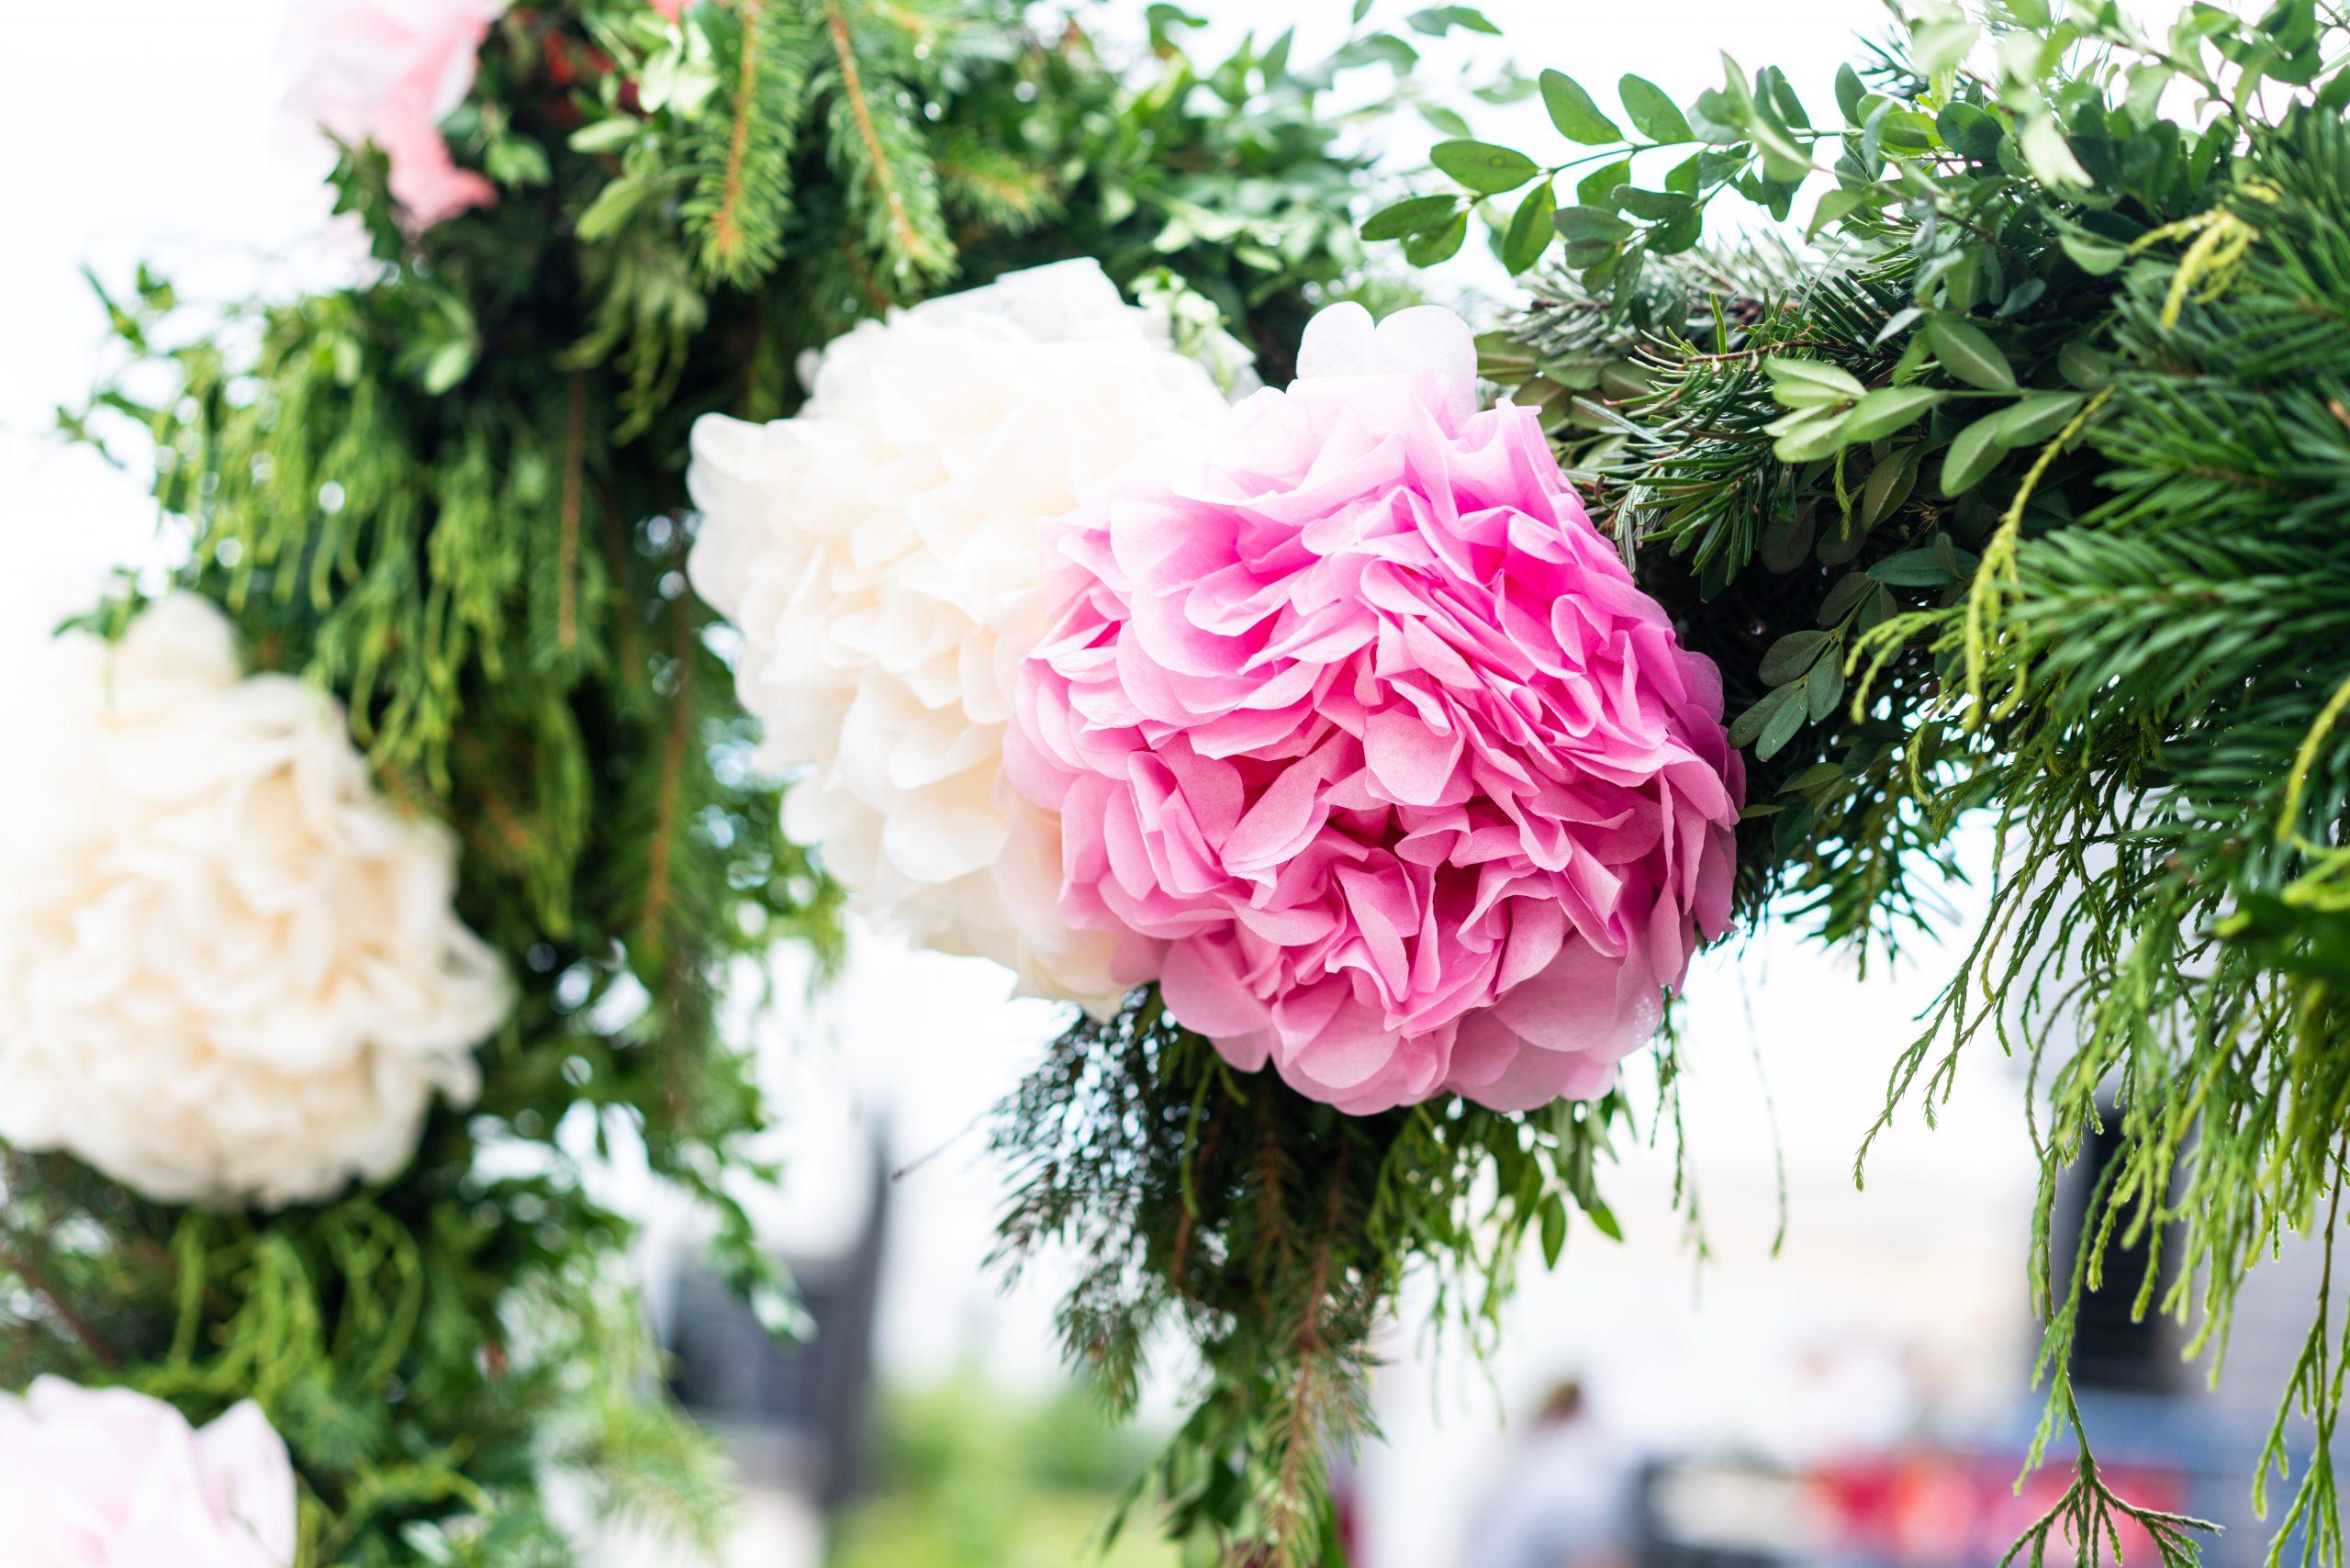 Eingang zur Gartenparty mit Blumenschmuck